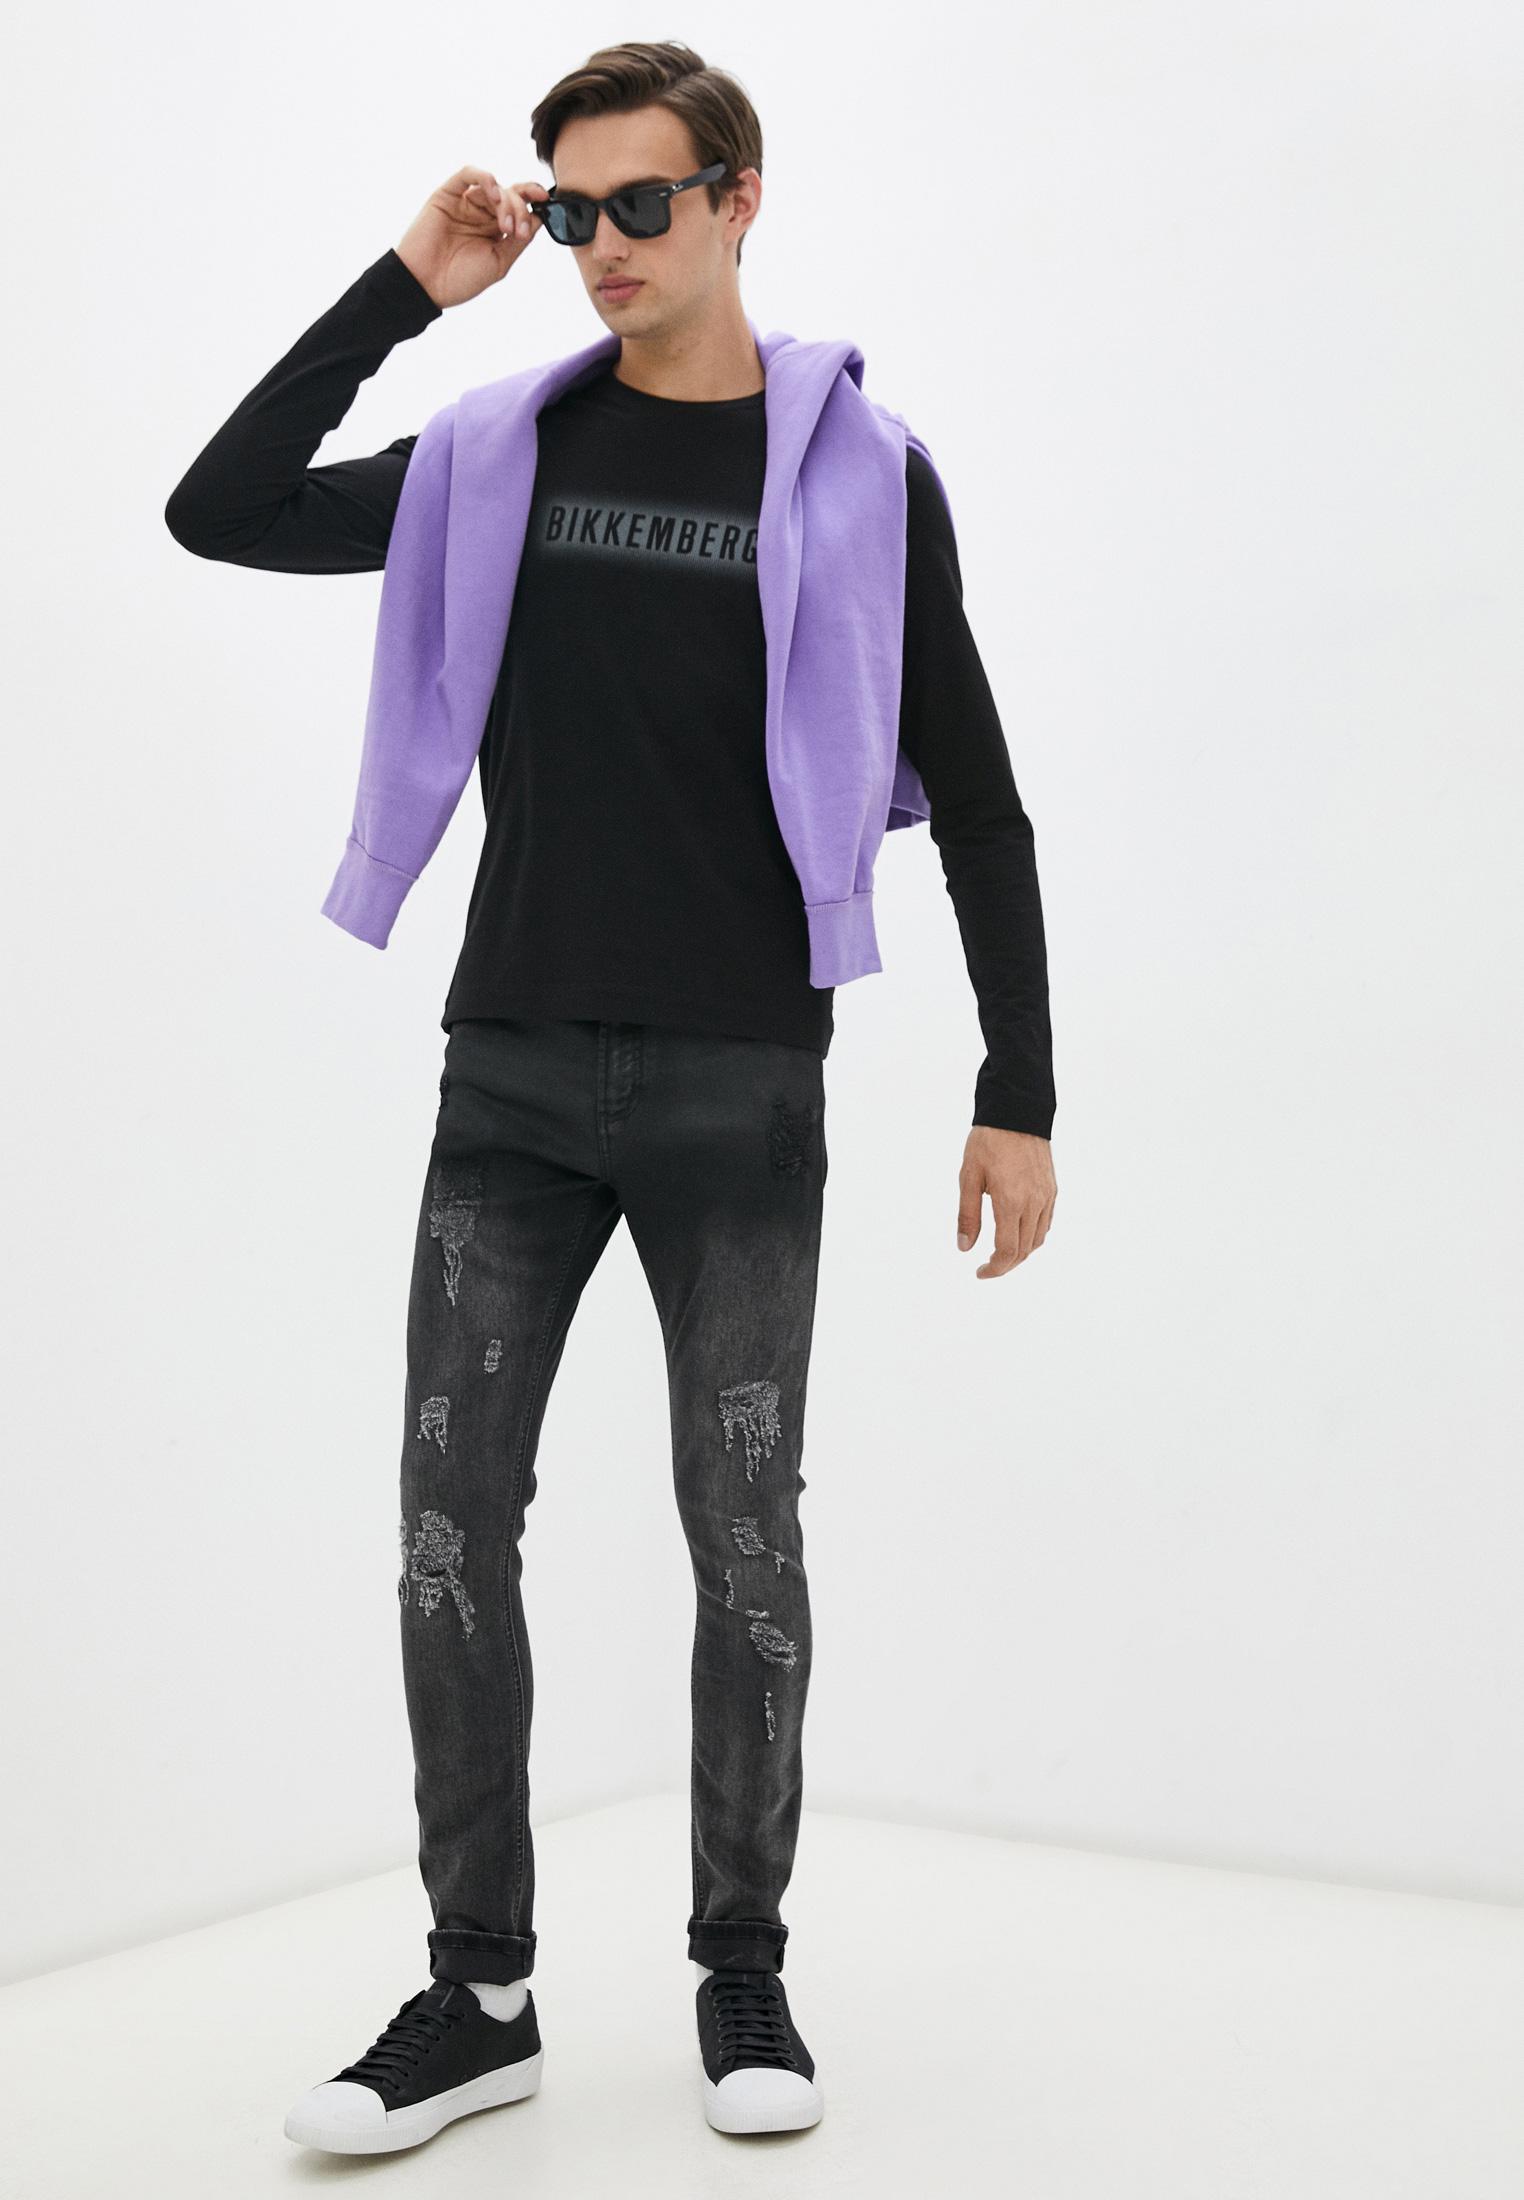 Мужские зауженные джинсы Bikkembergs (Биккембергс) C Q 001 85 S 2927: изображение 3